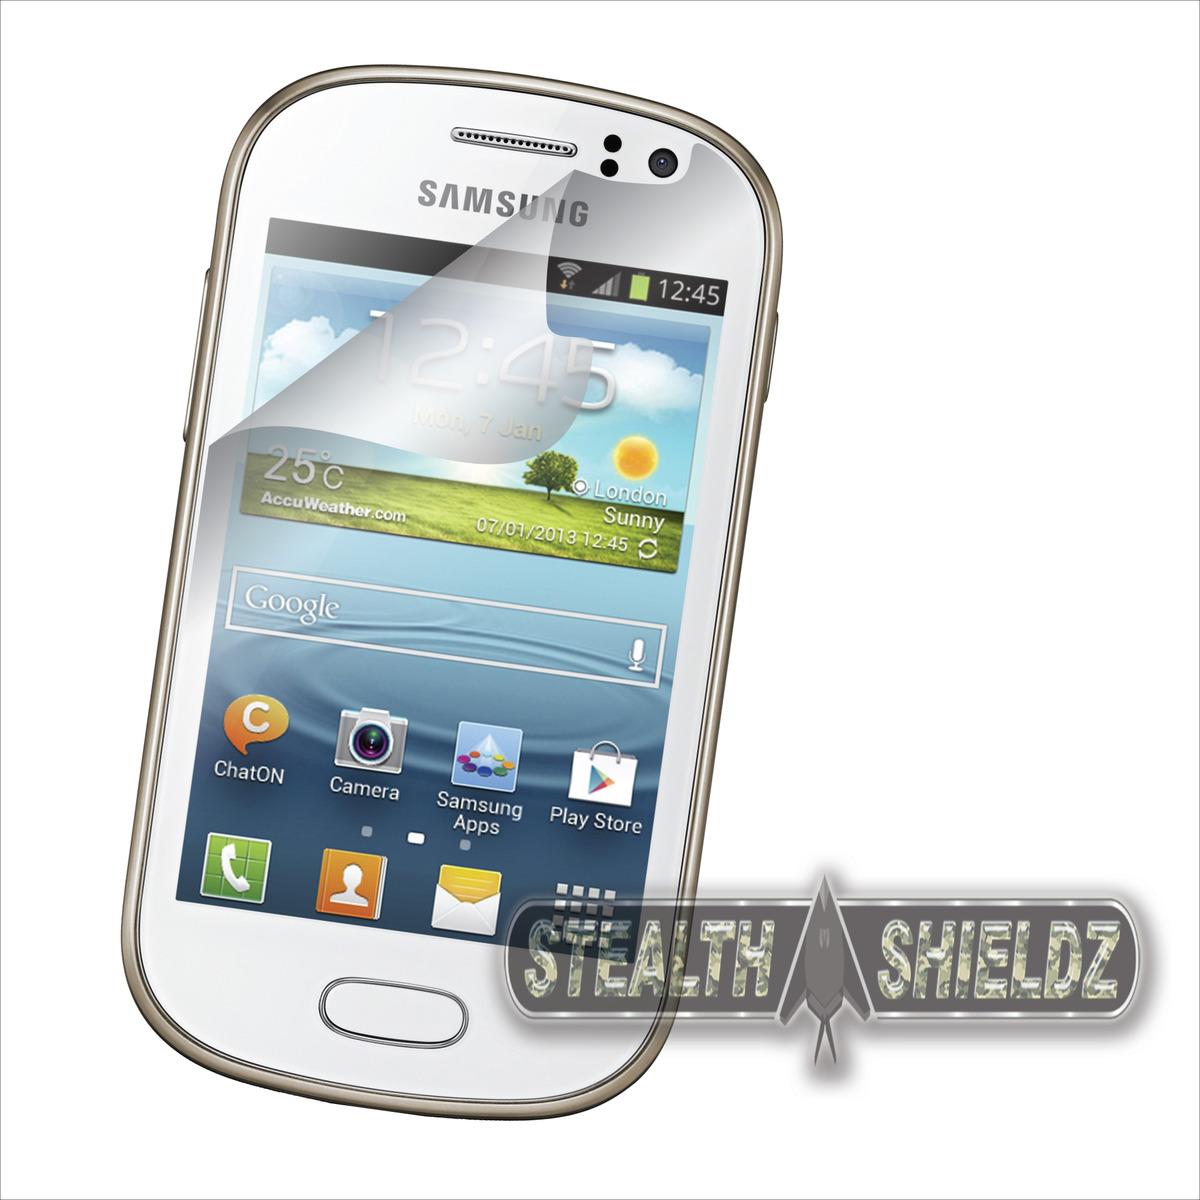 Como Mejorar La Seal De Mi Celular Samsung Galaxy Ace 2 ... - photo#11